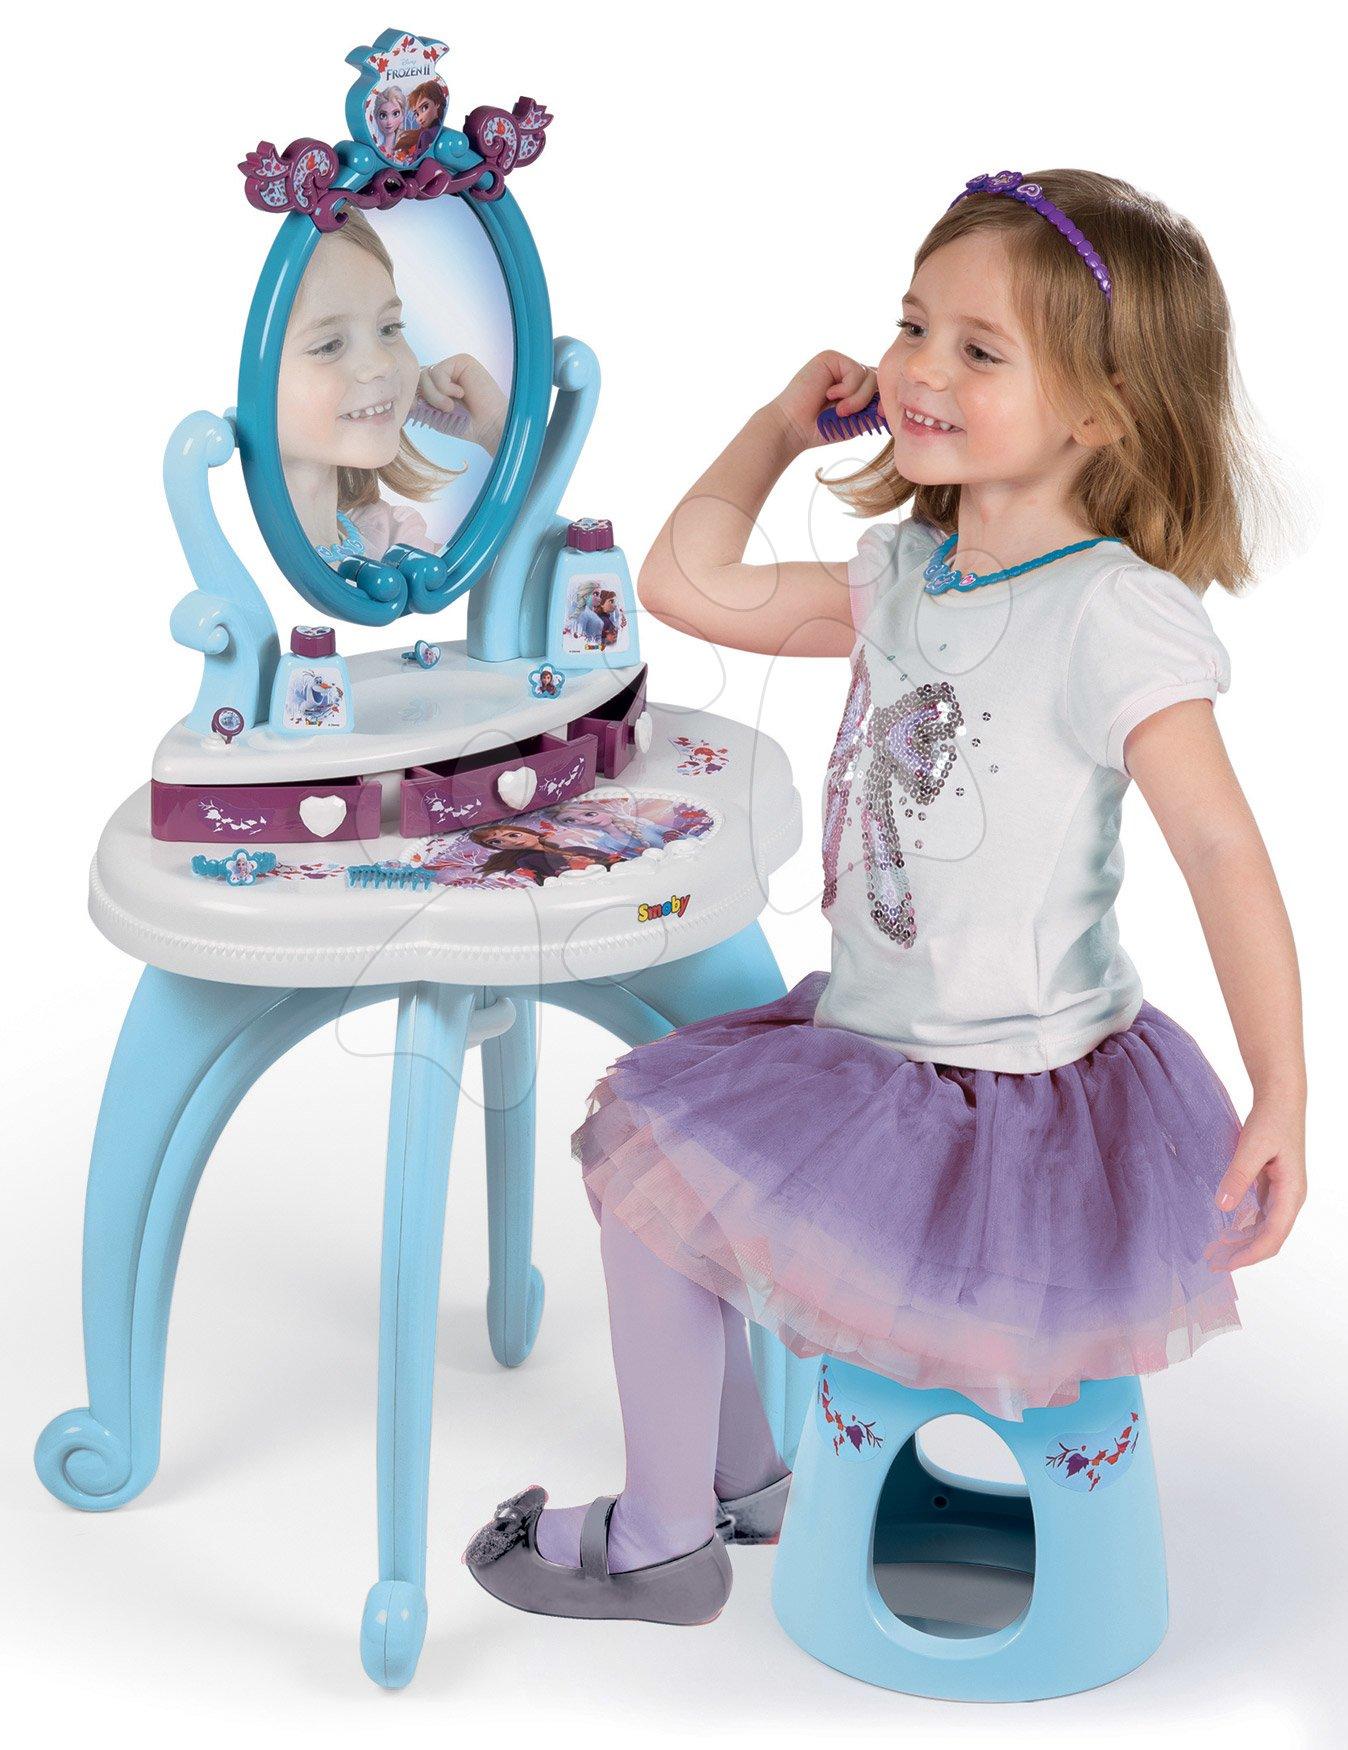 Kosmetický stolek pro děti - Kosmetický stolek Frozen 2 Disney 2v1 Smoby se židlí a 10 doplňků